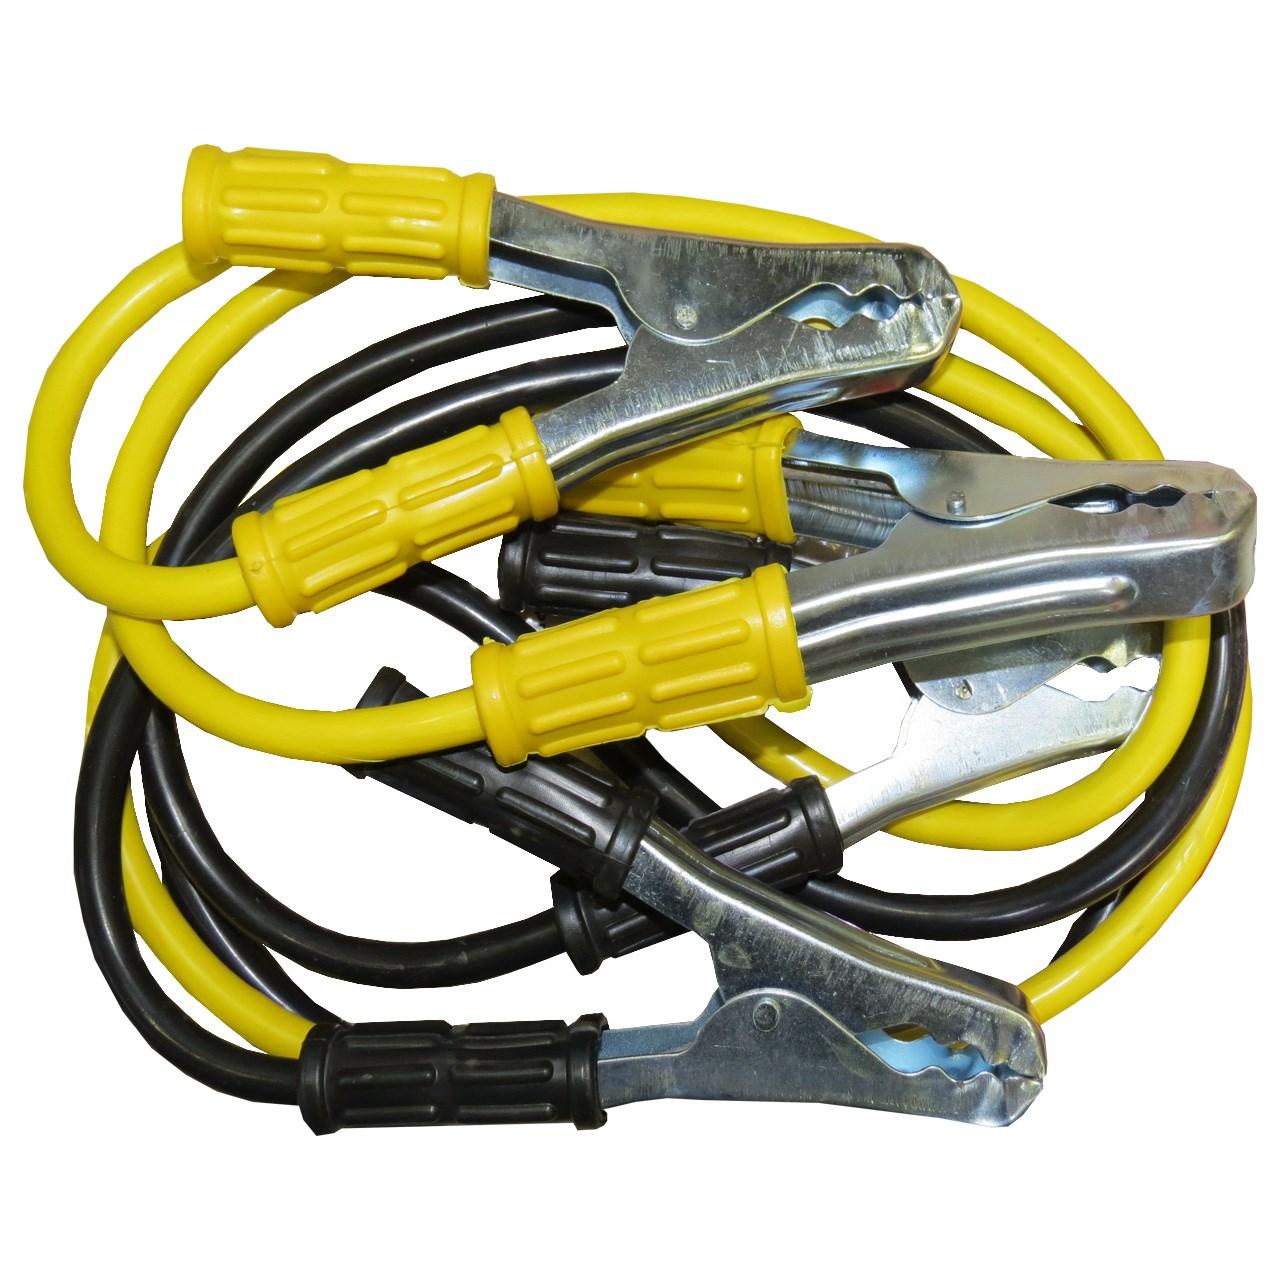 کابل اتصال باتری خودرو رویال مدل 01